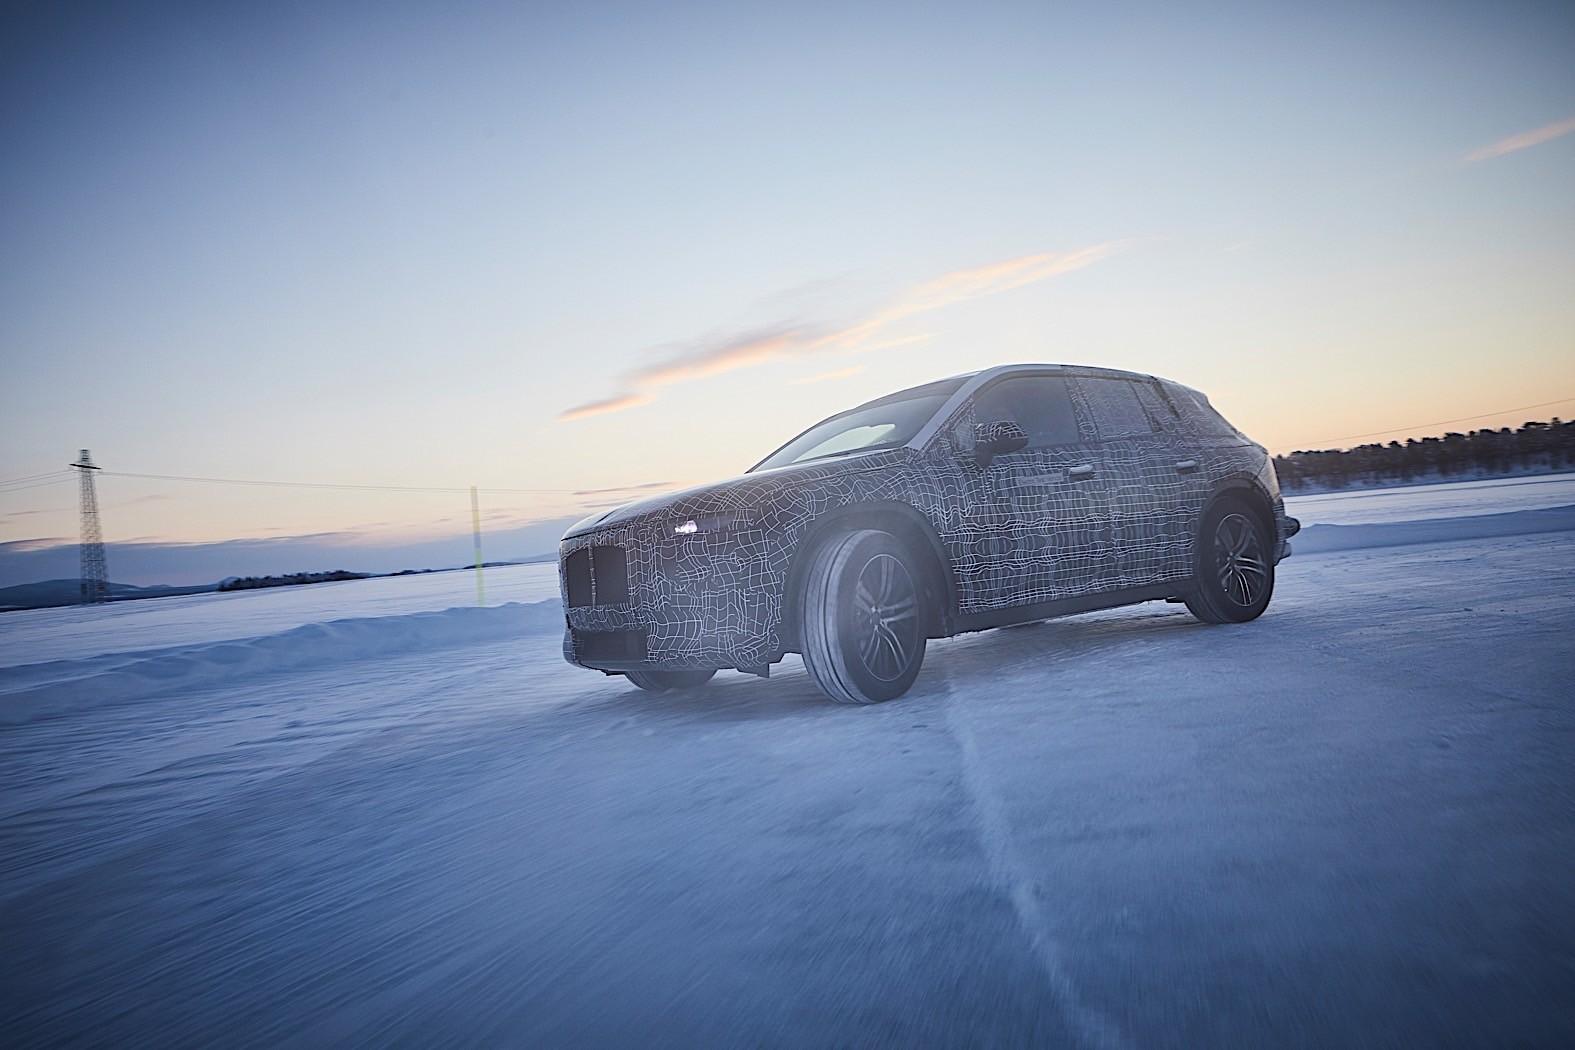 宝马德国工厂将新增2000员工 筹备投产电动汽车